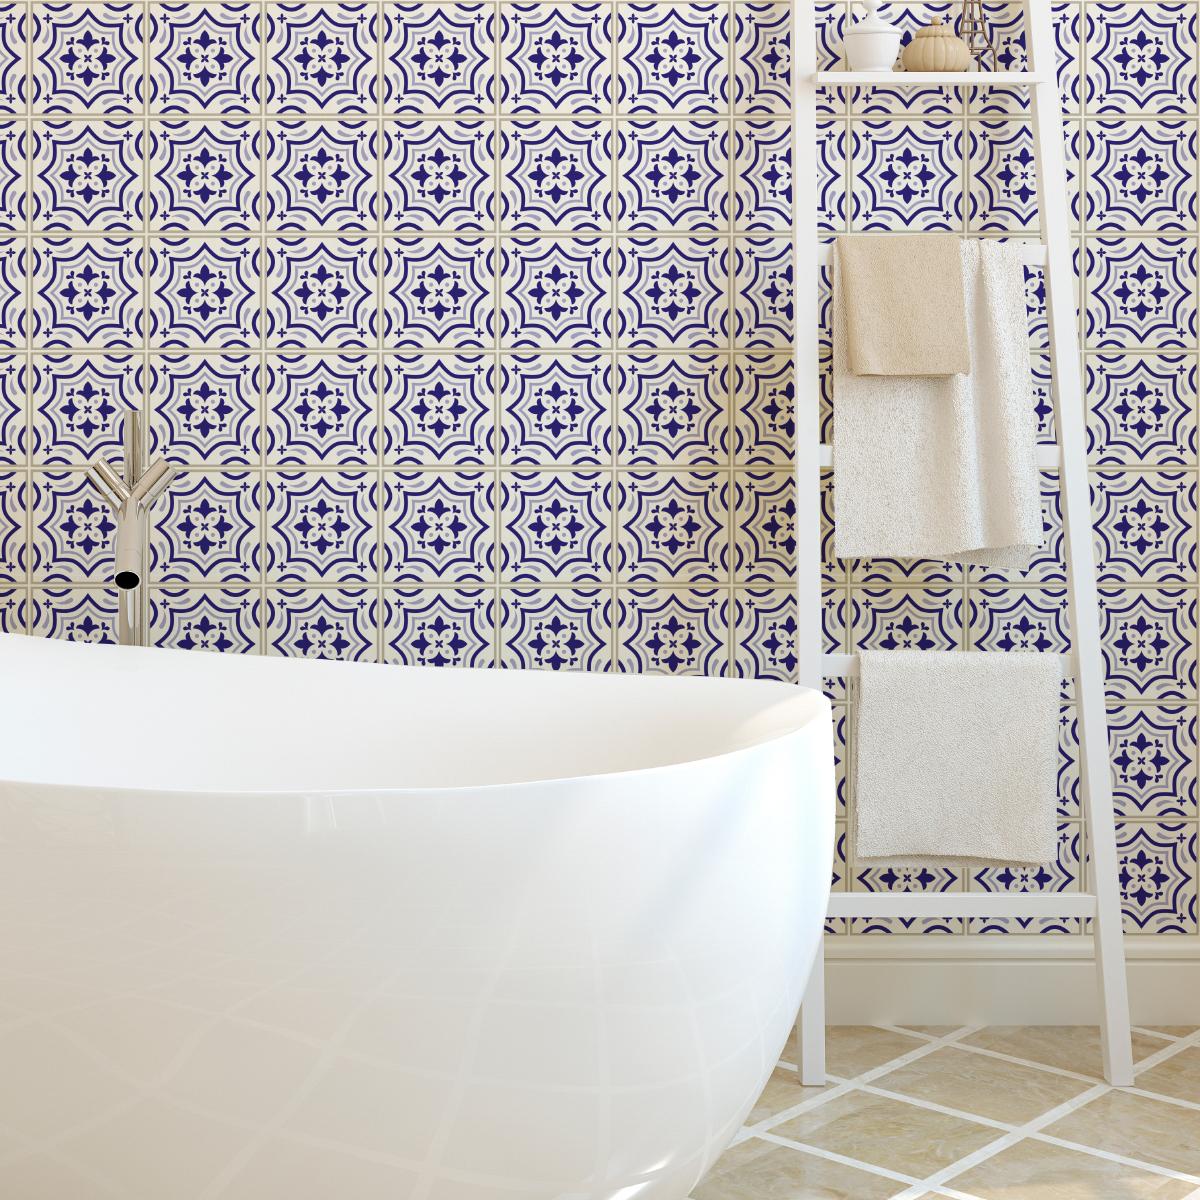 24 stickers carreaux de ciment azulejos carmen salle de bain et wc salle de bain ambiance. Black Bedroom Furniture Sets. Home Design Ideas